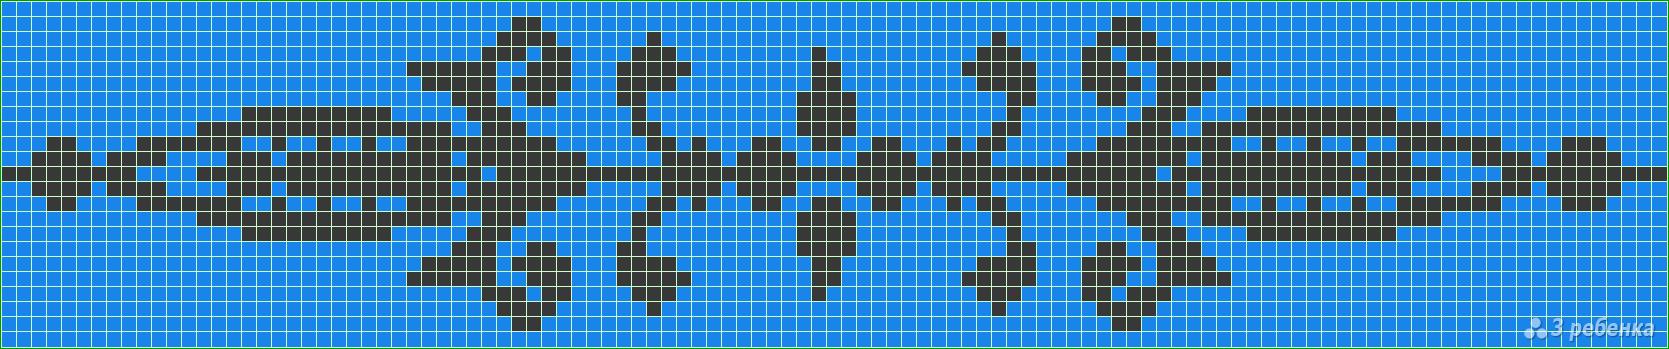 Схема для плетения фенечек с рисунком